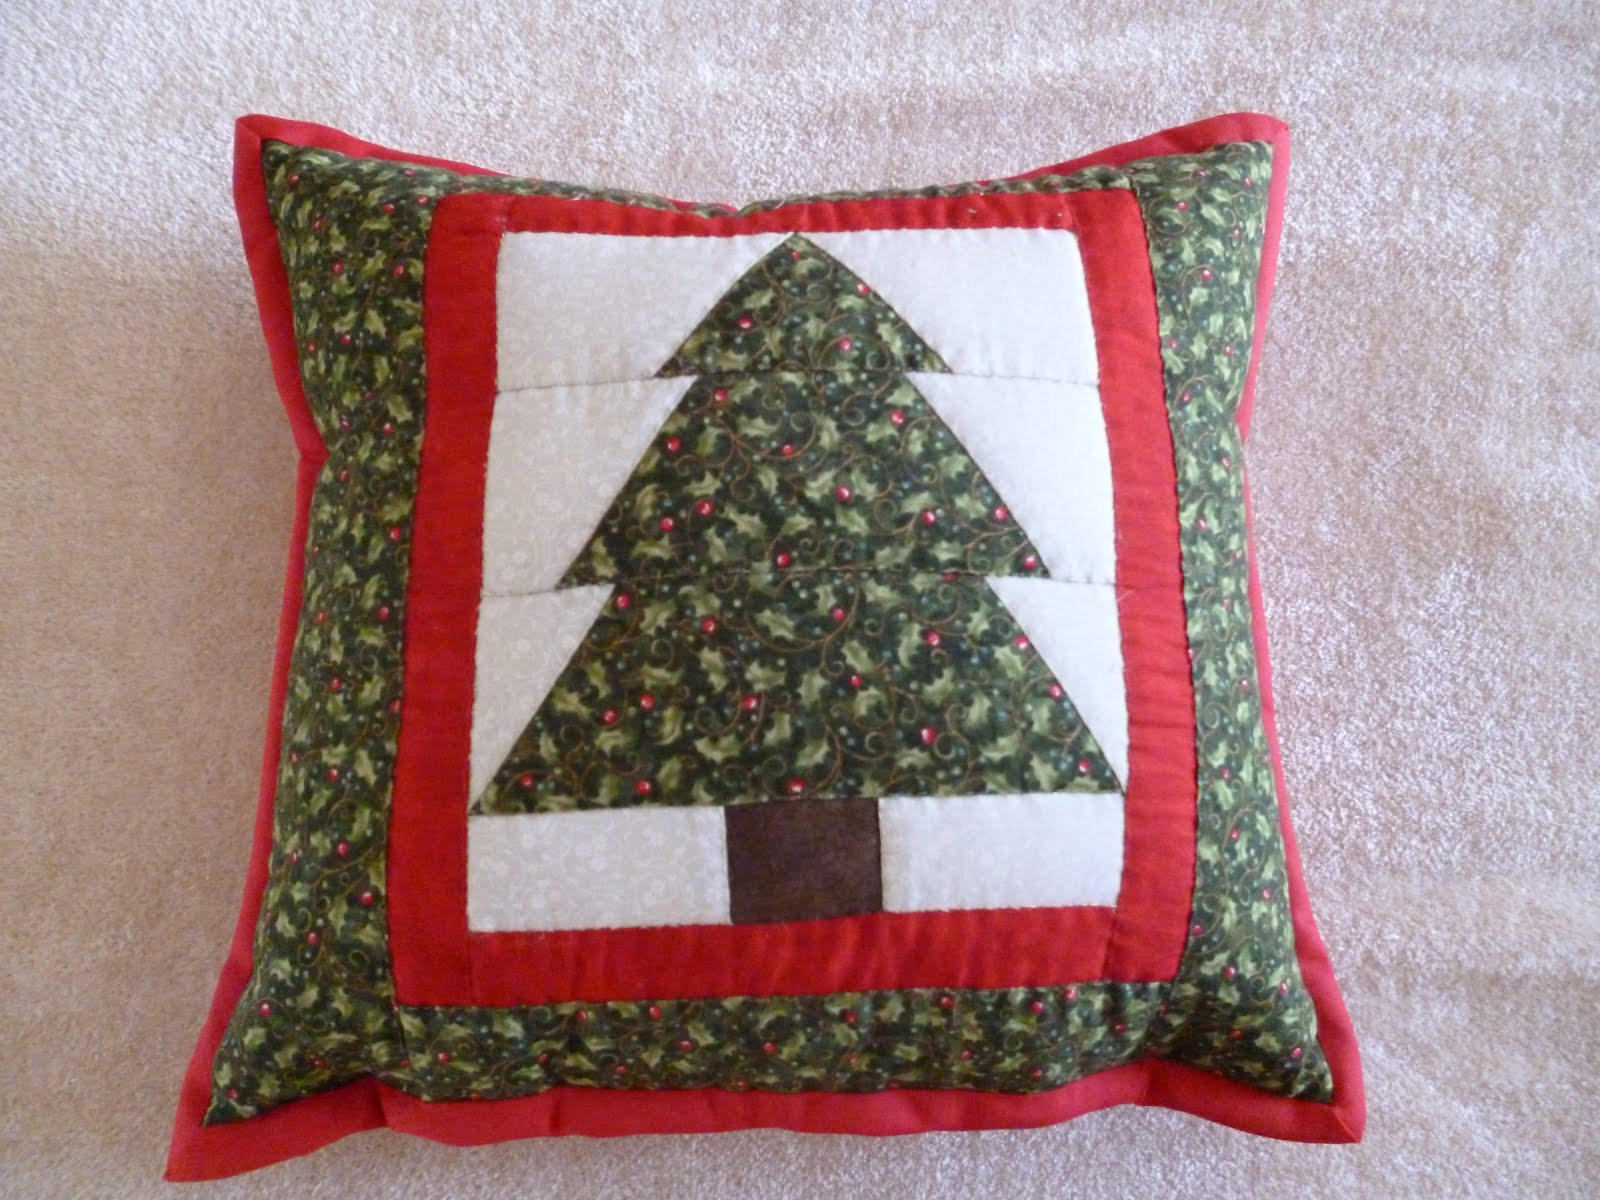 Mari patchwork cojines de navidad - Cojines de navidad ...